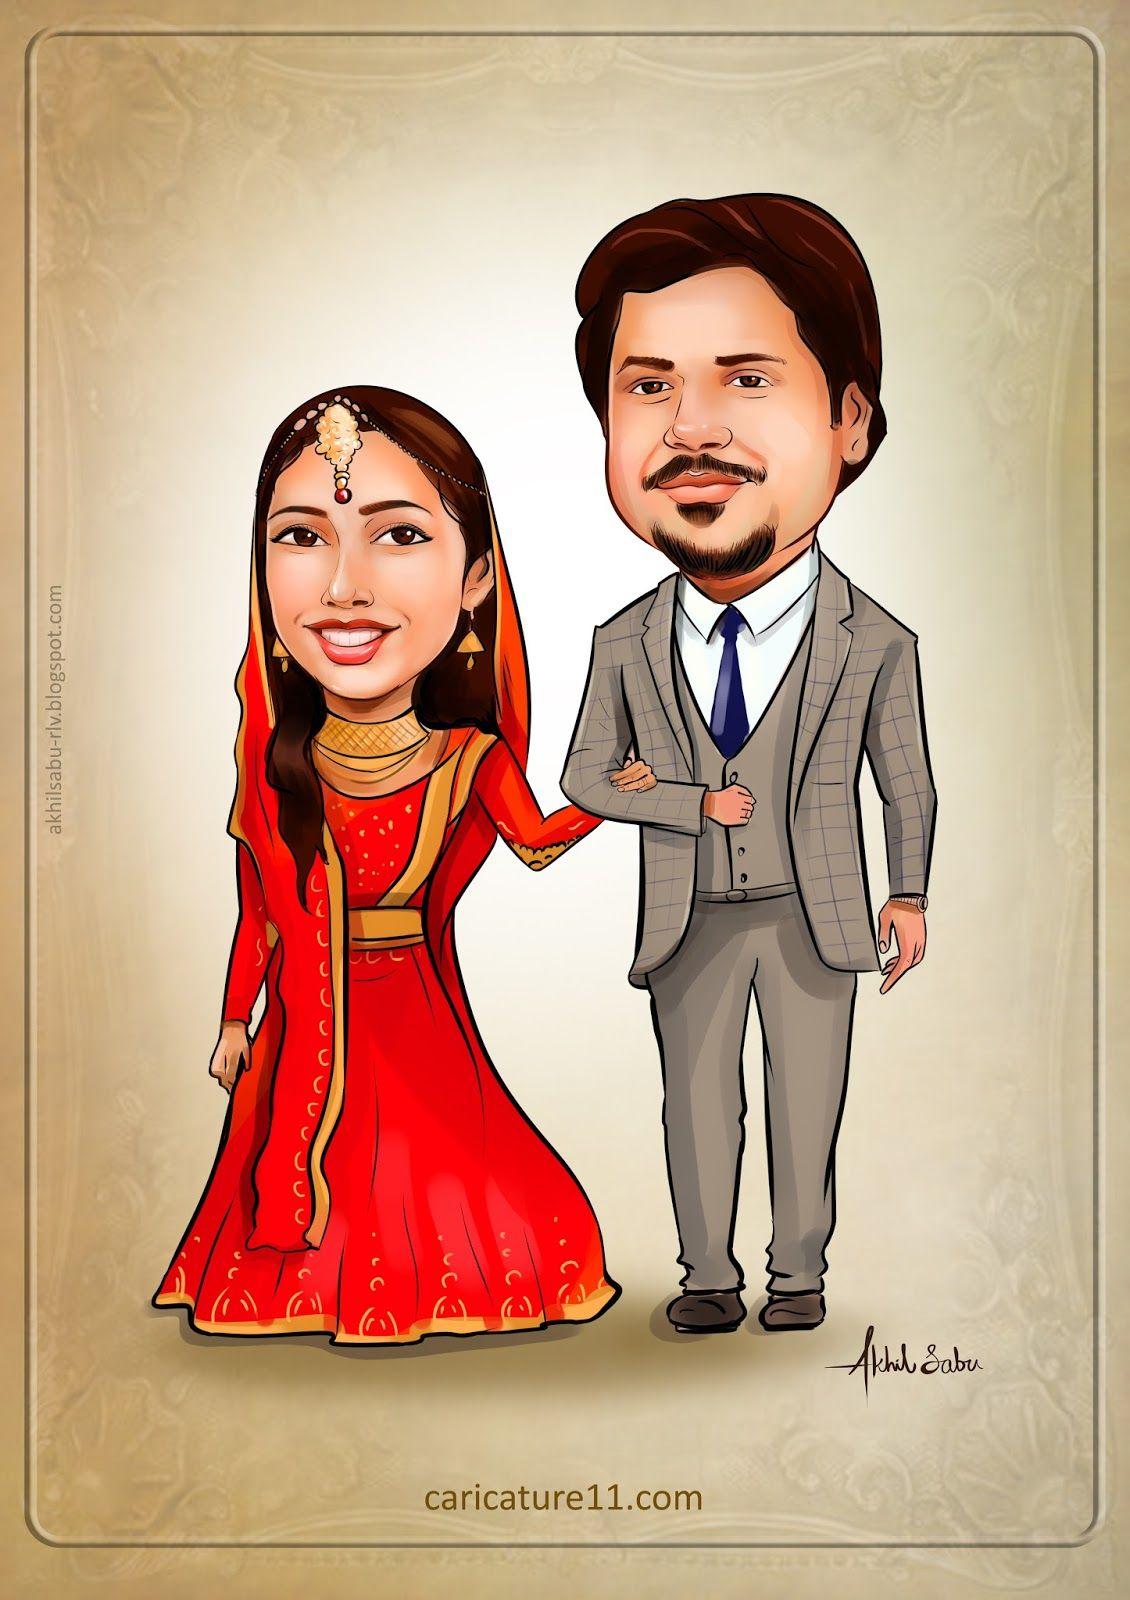 Wedding caricature | Caricature11 | wedding caricature | Pinterest ...